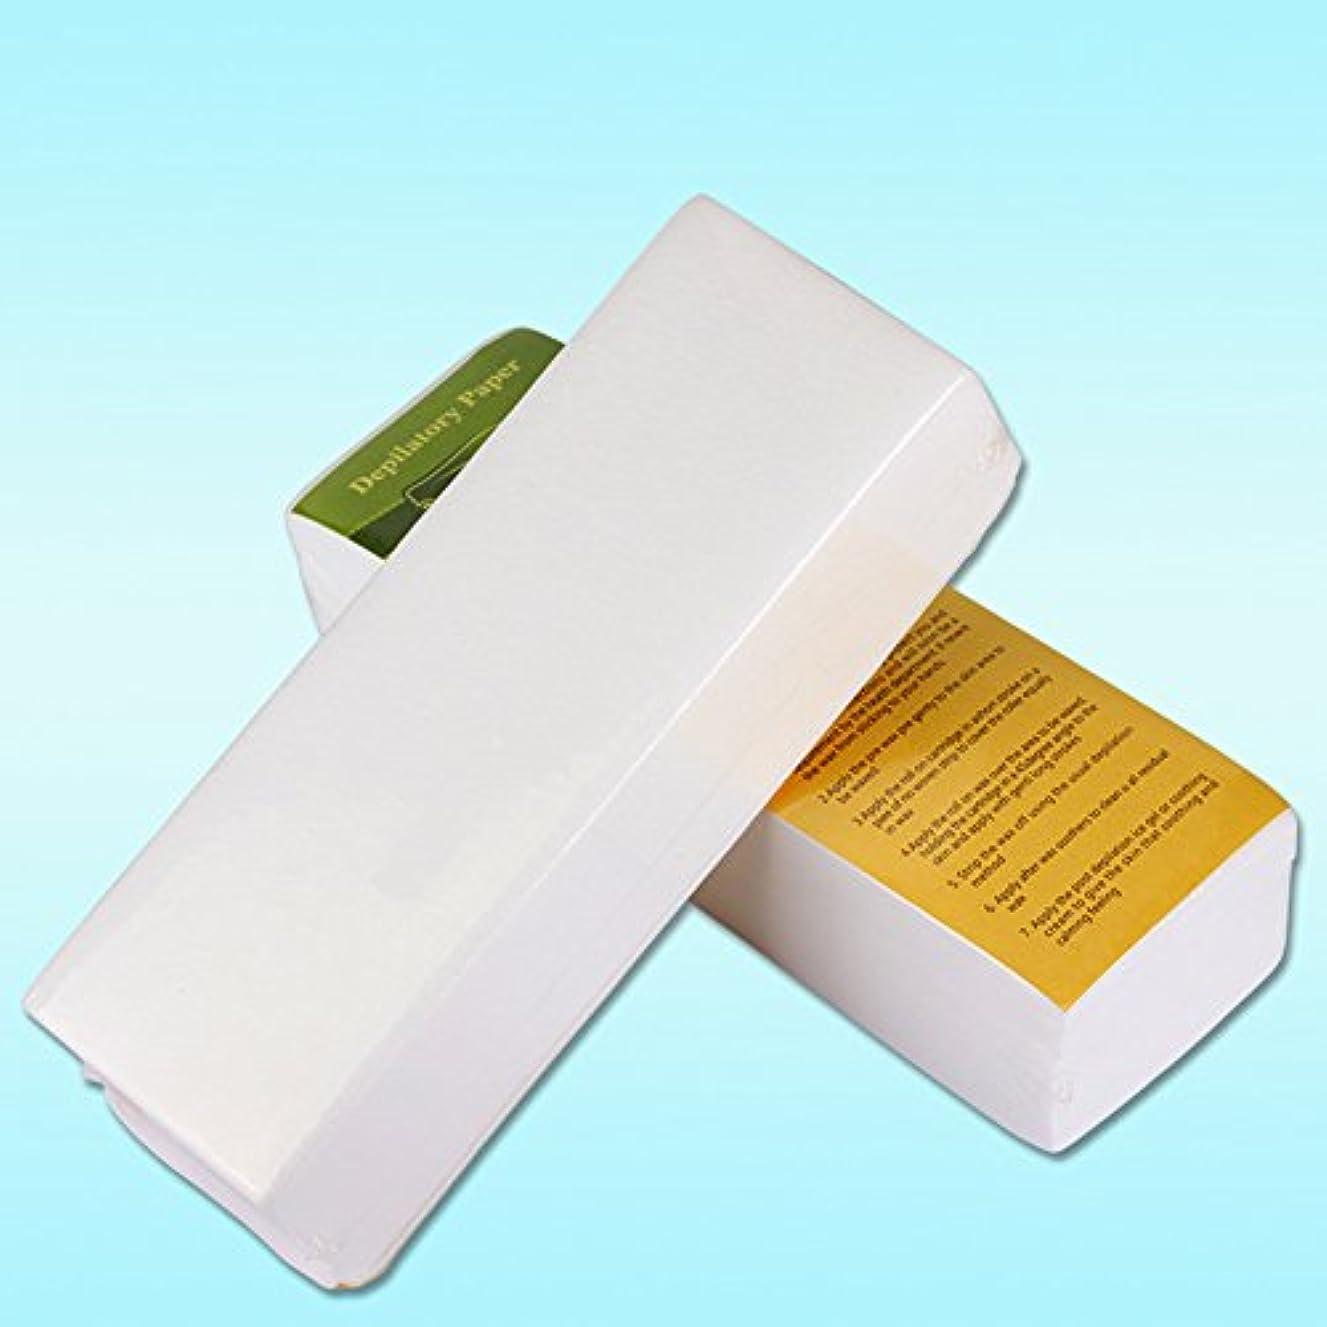 傾斜モバイルファッションRabugoo セクシー 100個/セット使い捨て不織布ティッシュシェービング脱毛蜜蝋脱毛紙